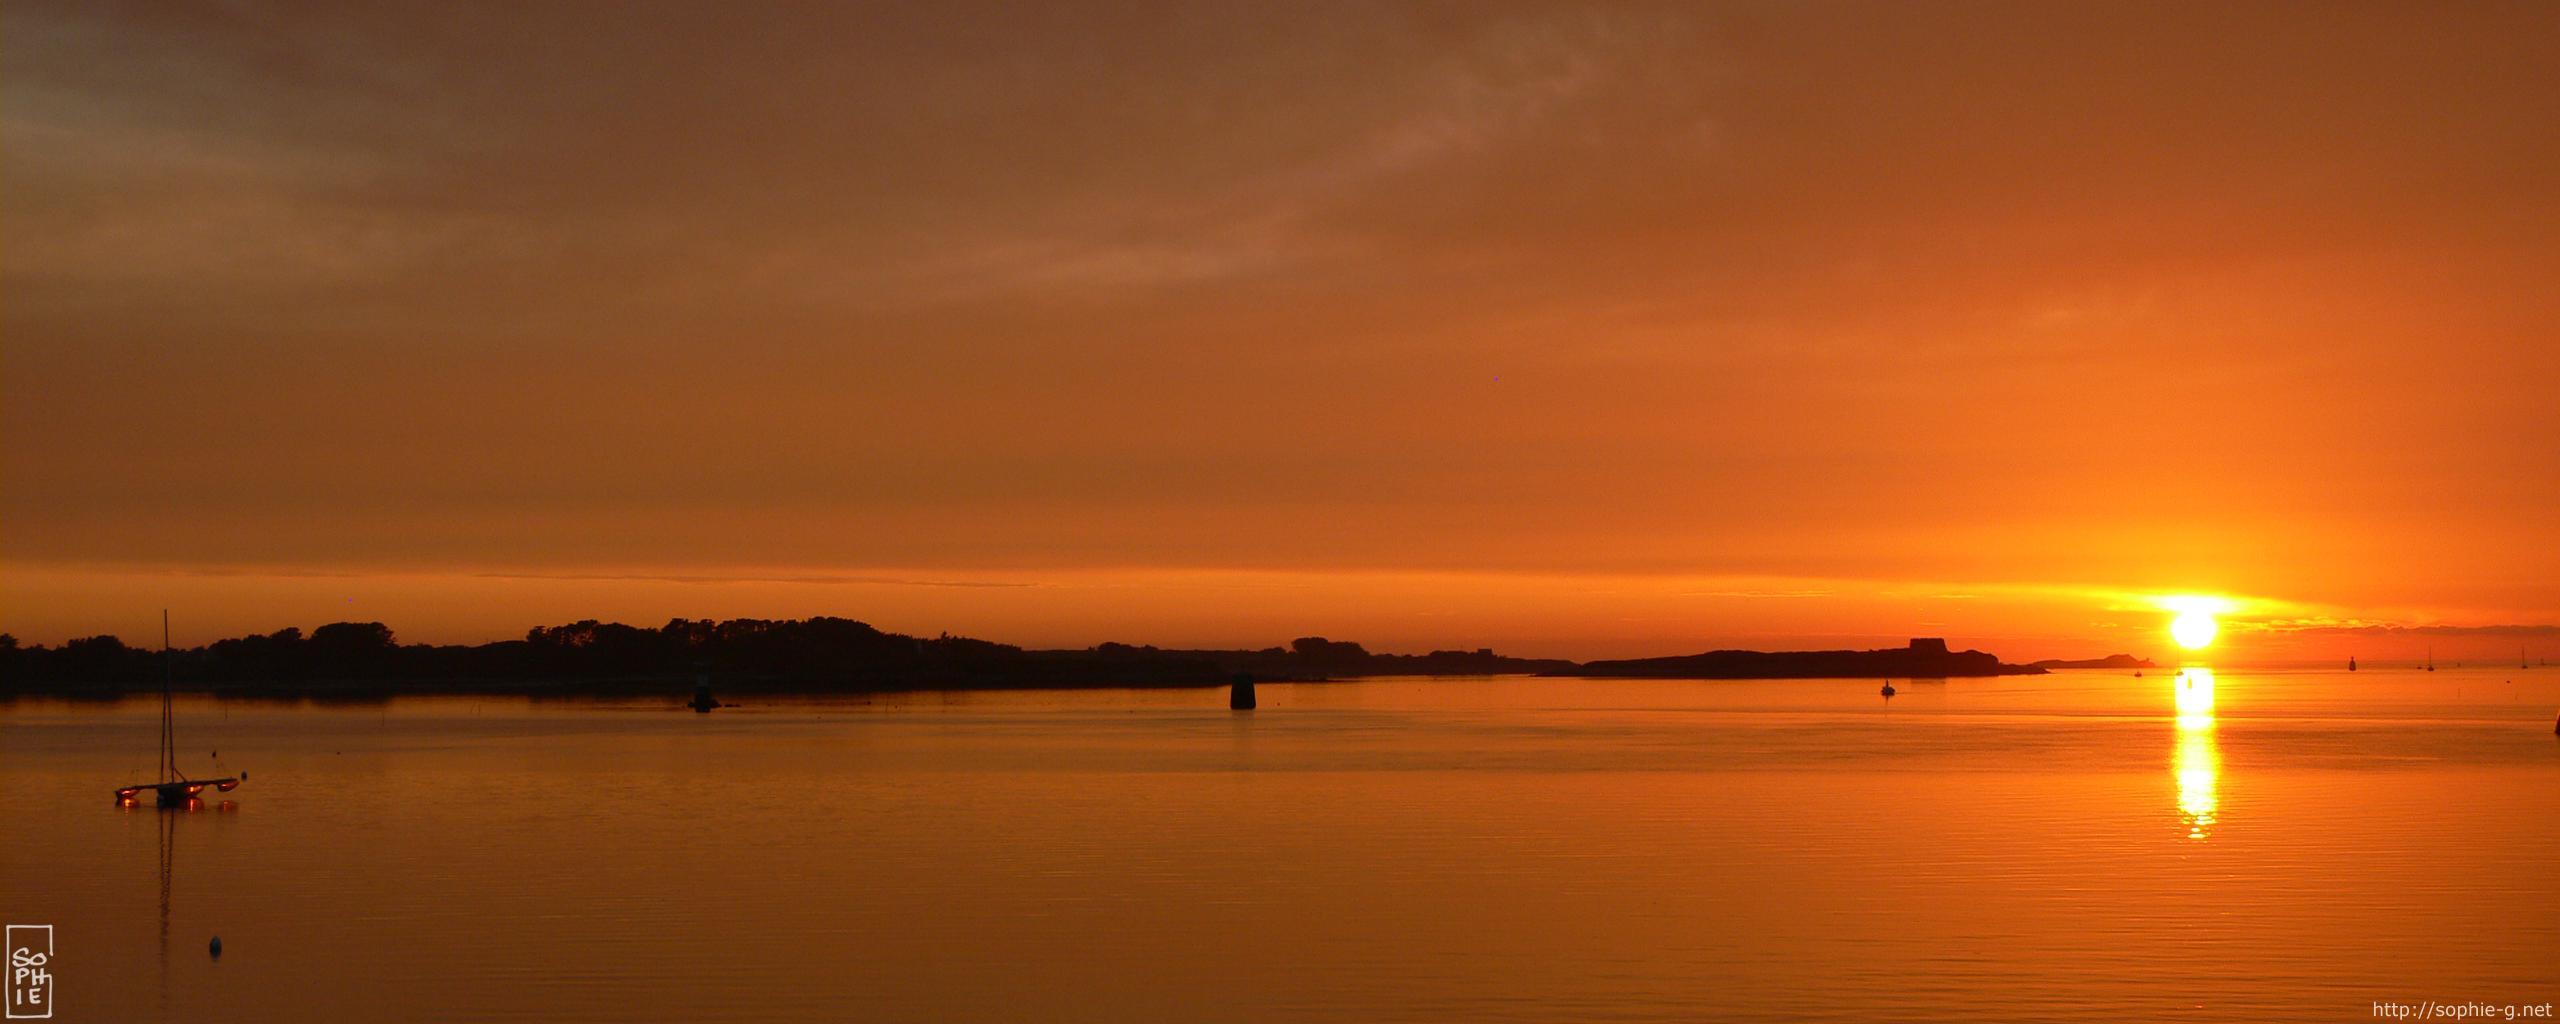 sunset reflection  u2013 2560 u00d71024 desktop wallpaper